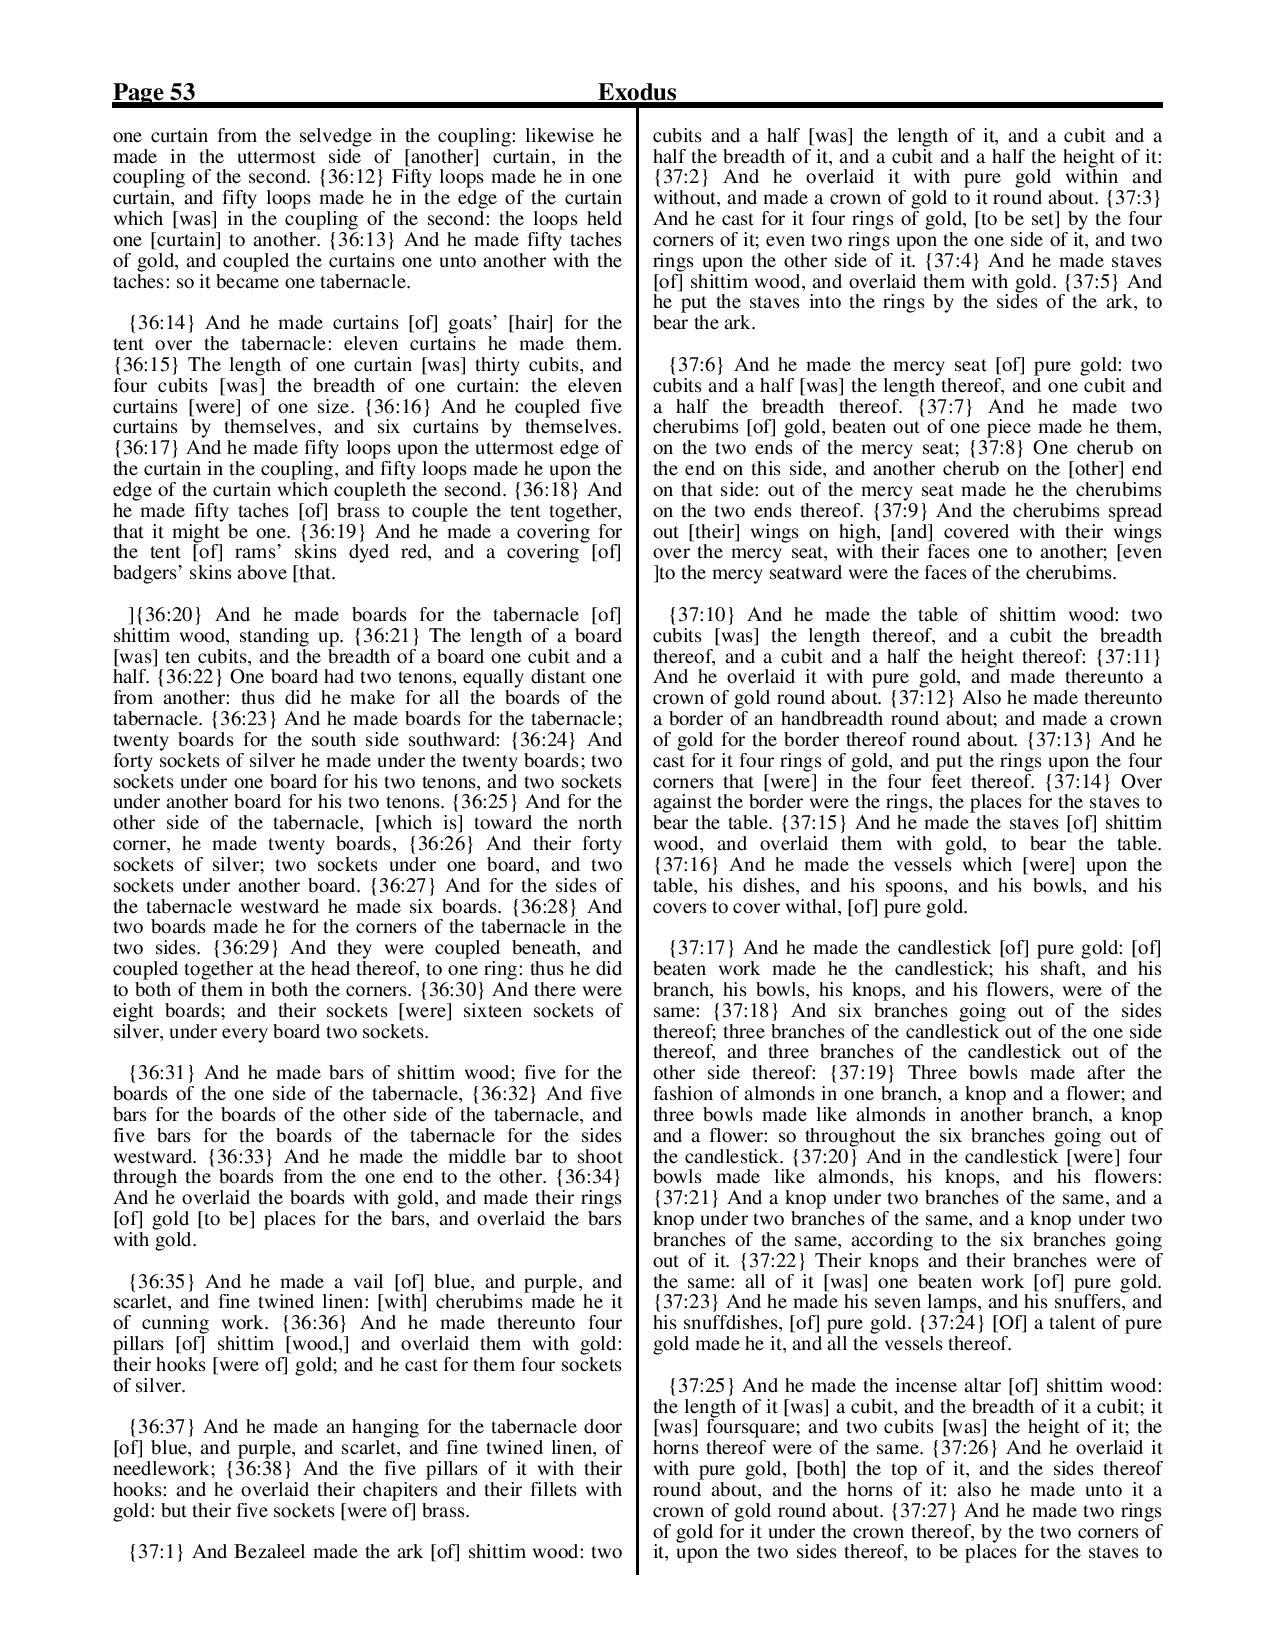 King-James-Bible-KJV-Bible-PDF-page-074